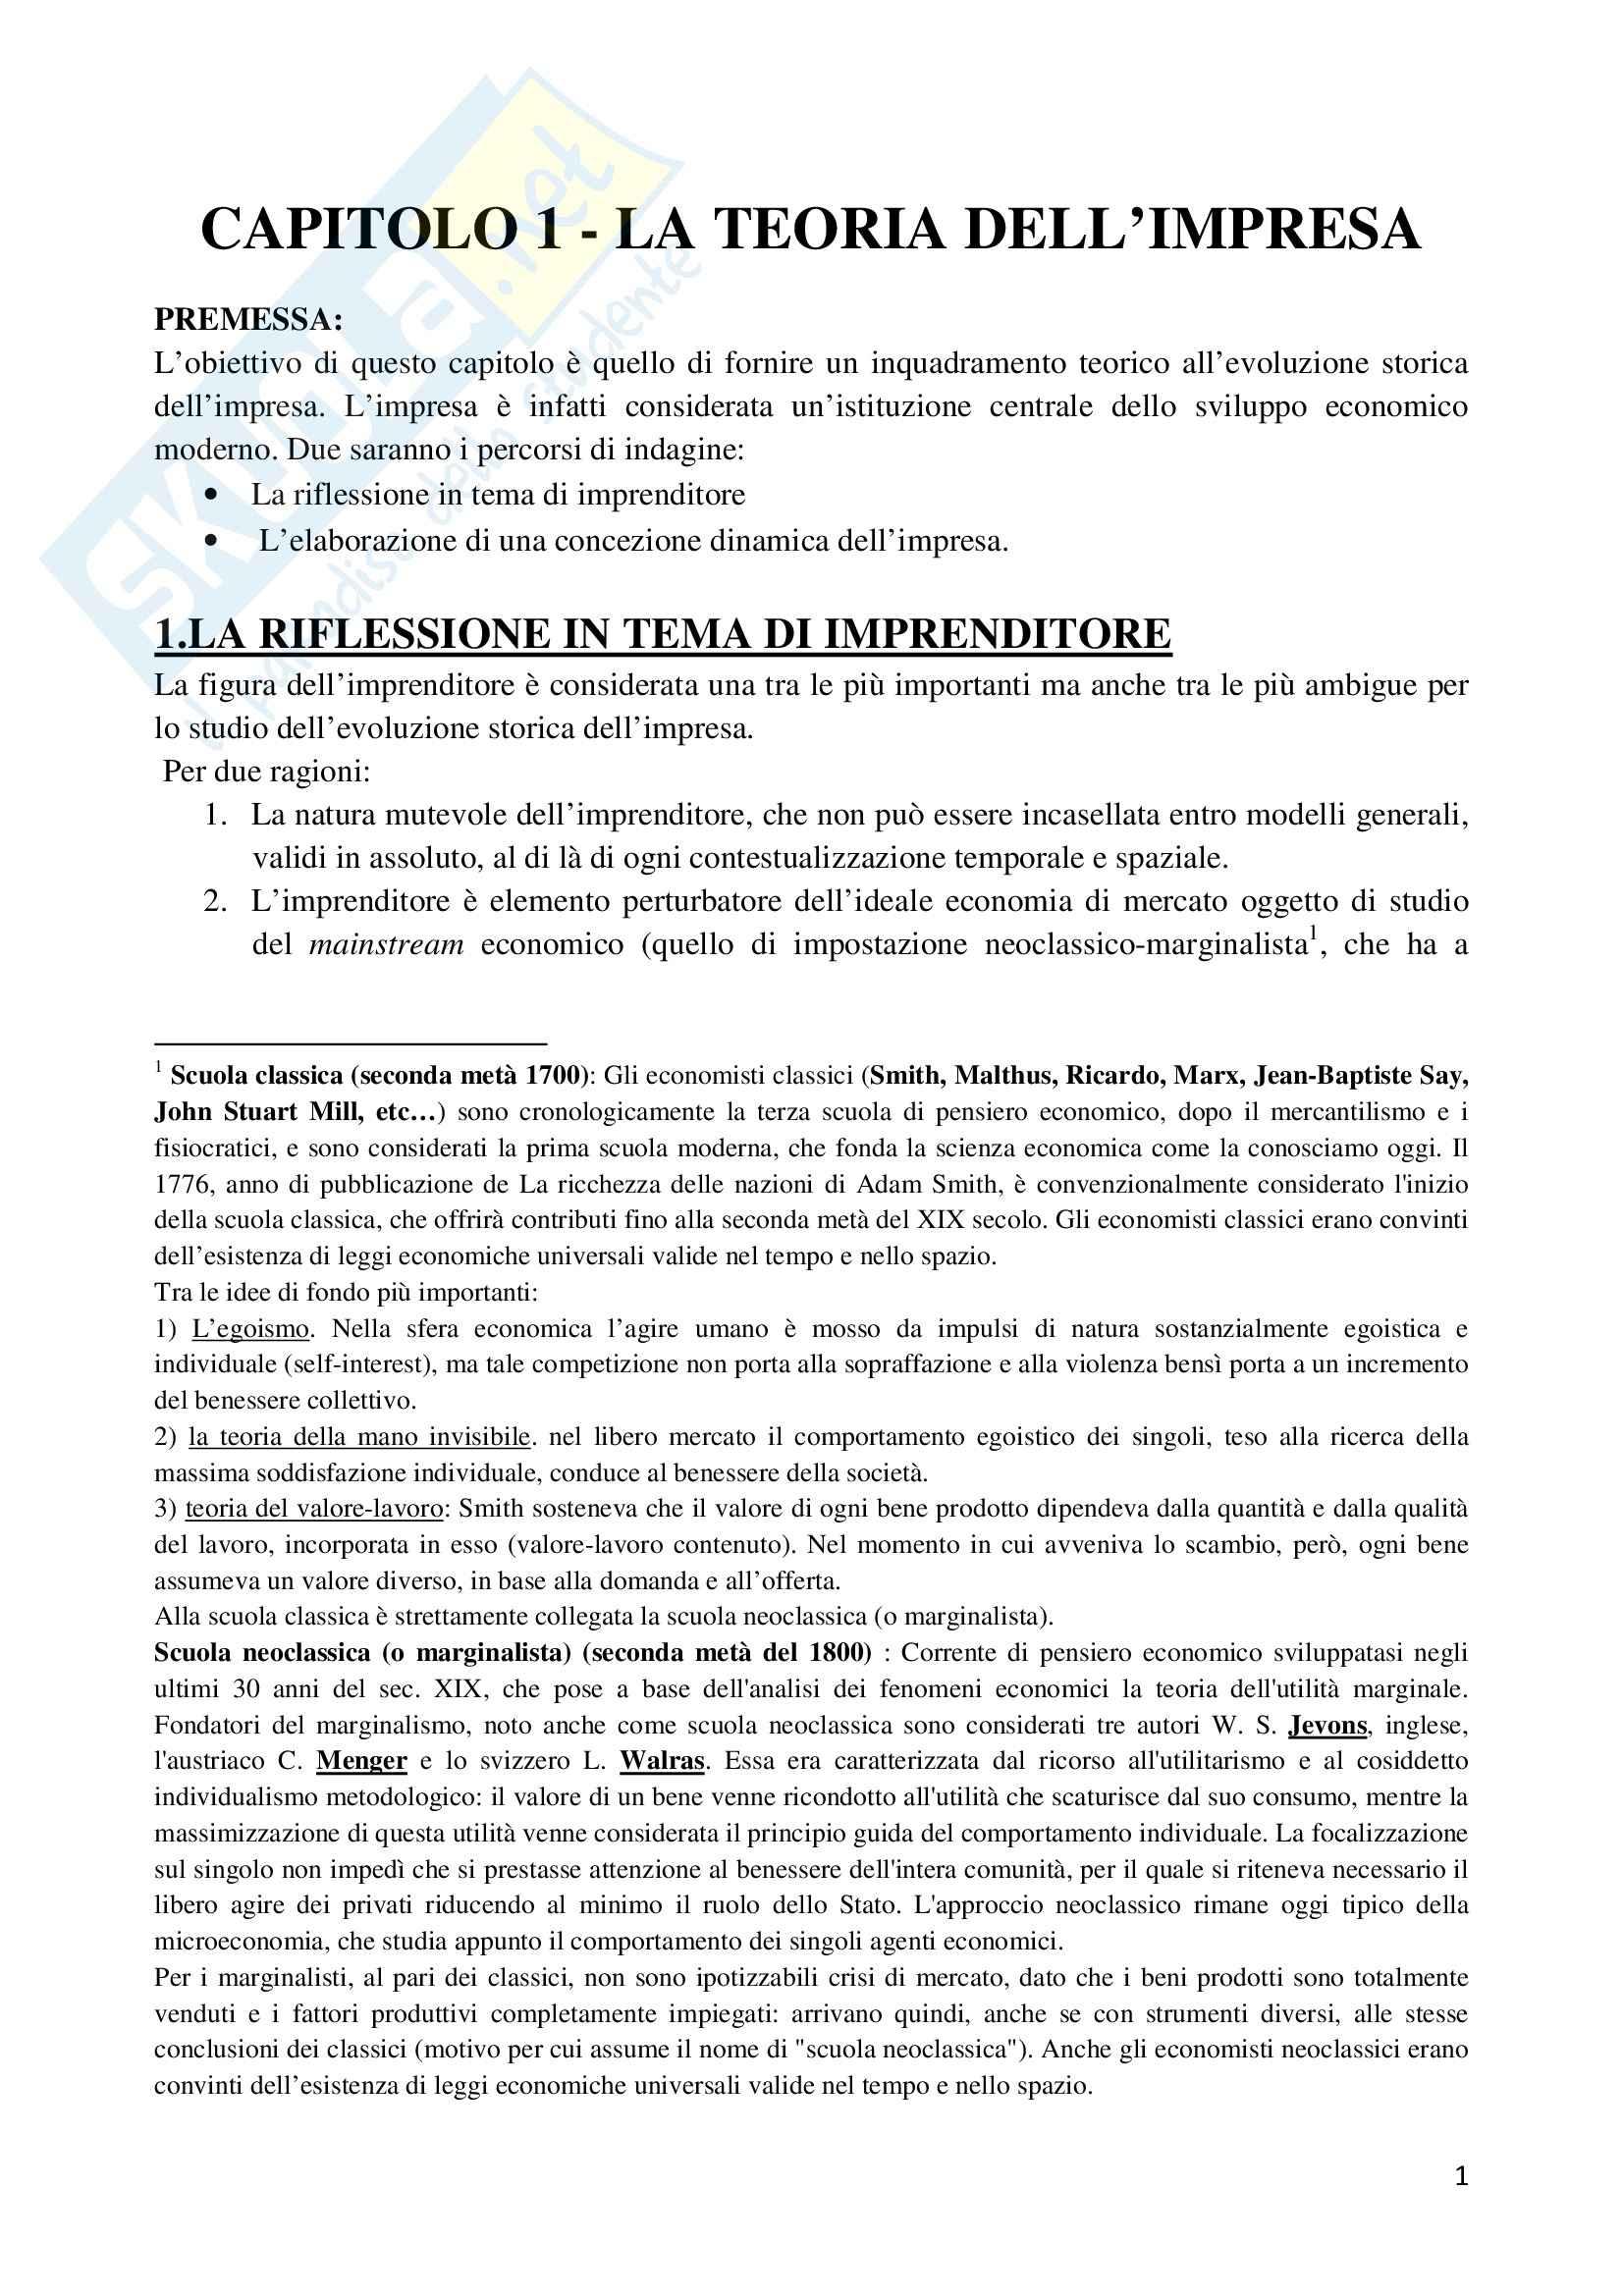 Riassunto esame Storia dell'Impresa, prof. Colonna, libro consigliato Storia dell'Impresa, Toninelli